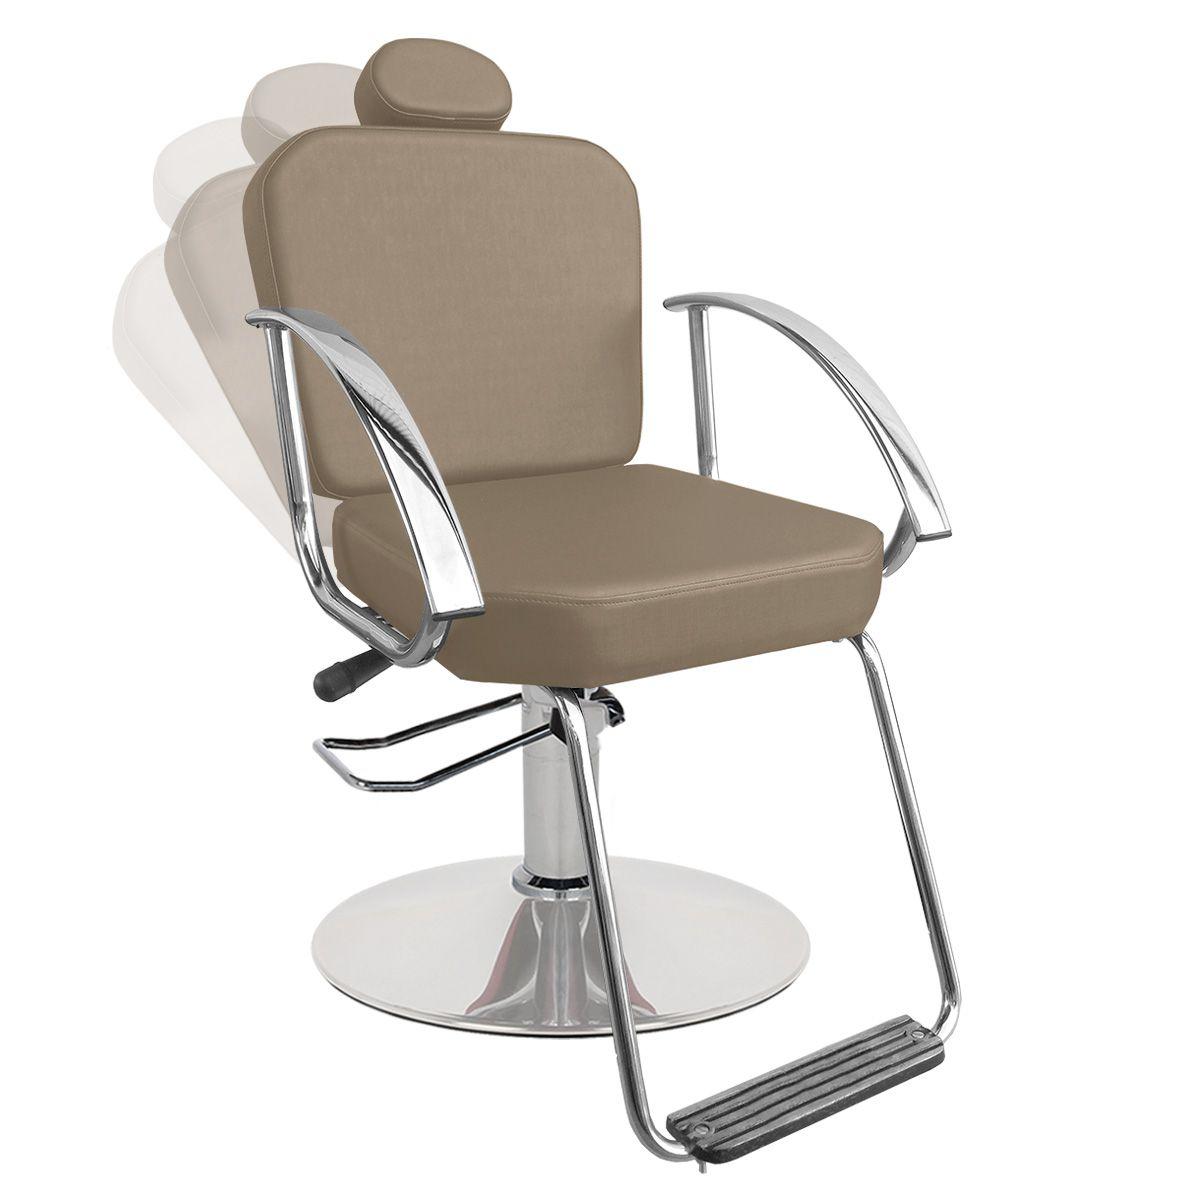 Cadeira de Cabeleireiro Dallas Encosto Reclinável - Pé Redondo